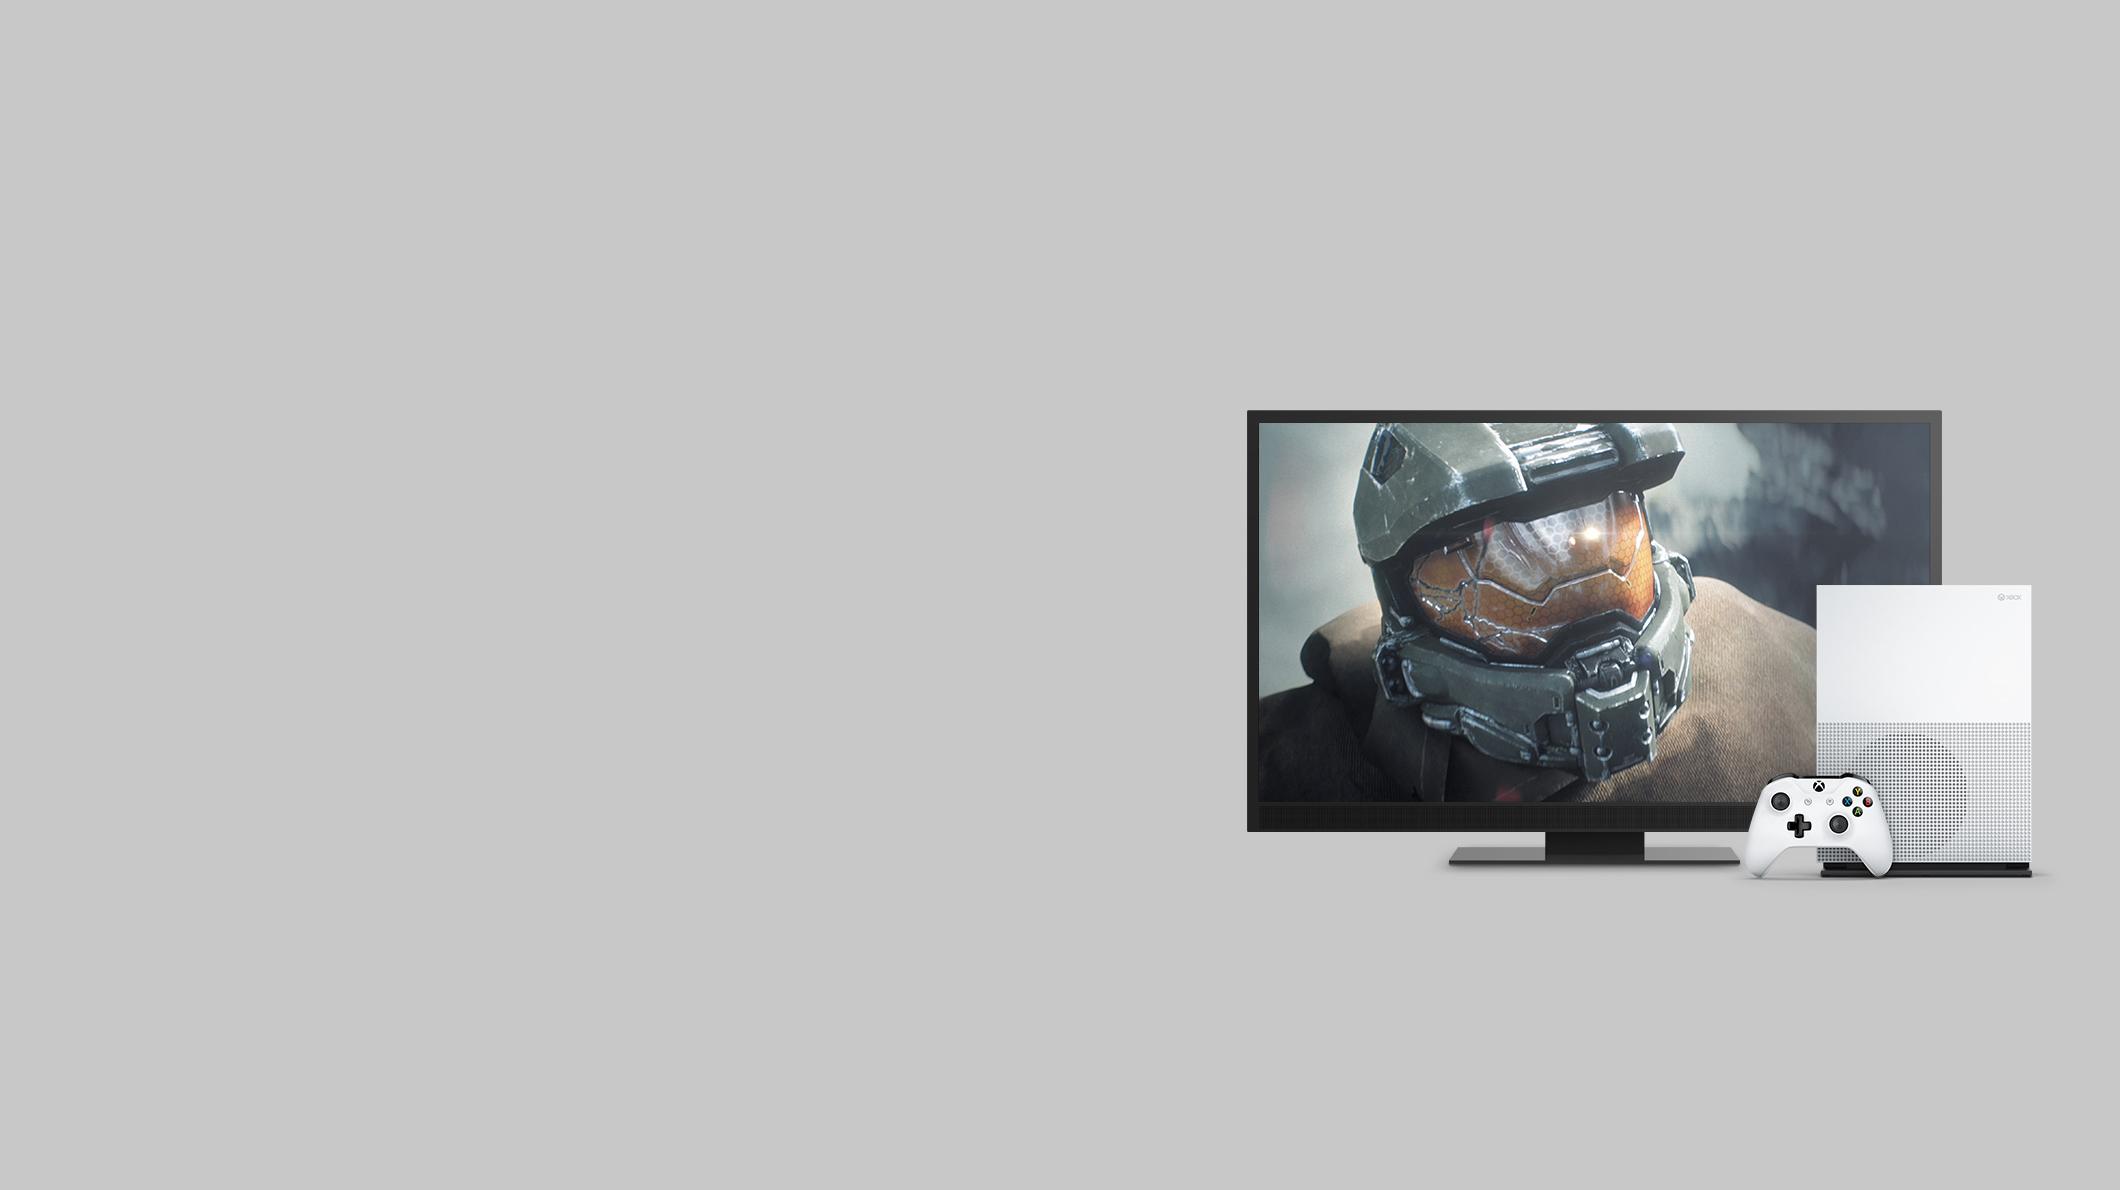 Eine Xbox One S Konsole mit Controller und ein großer Bildschirm, der ein Actionvideo zeigt